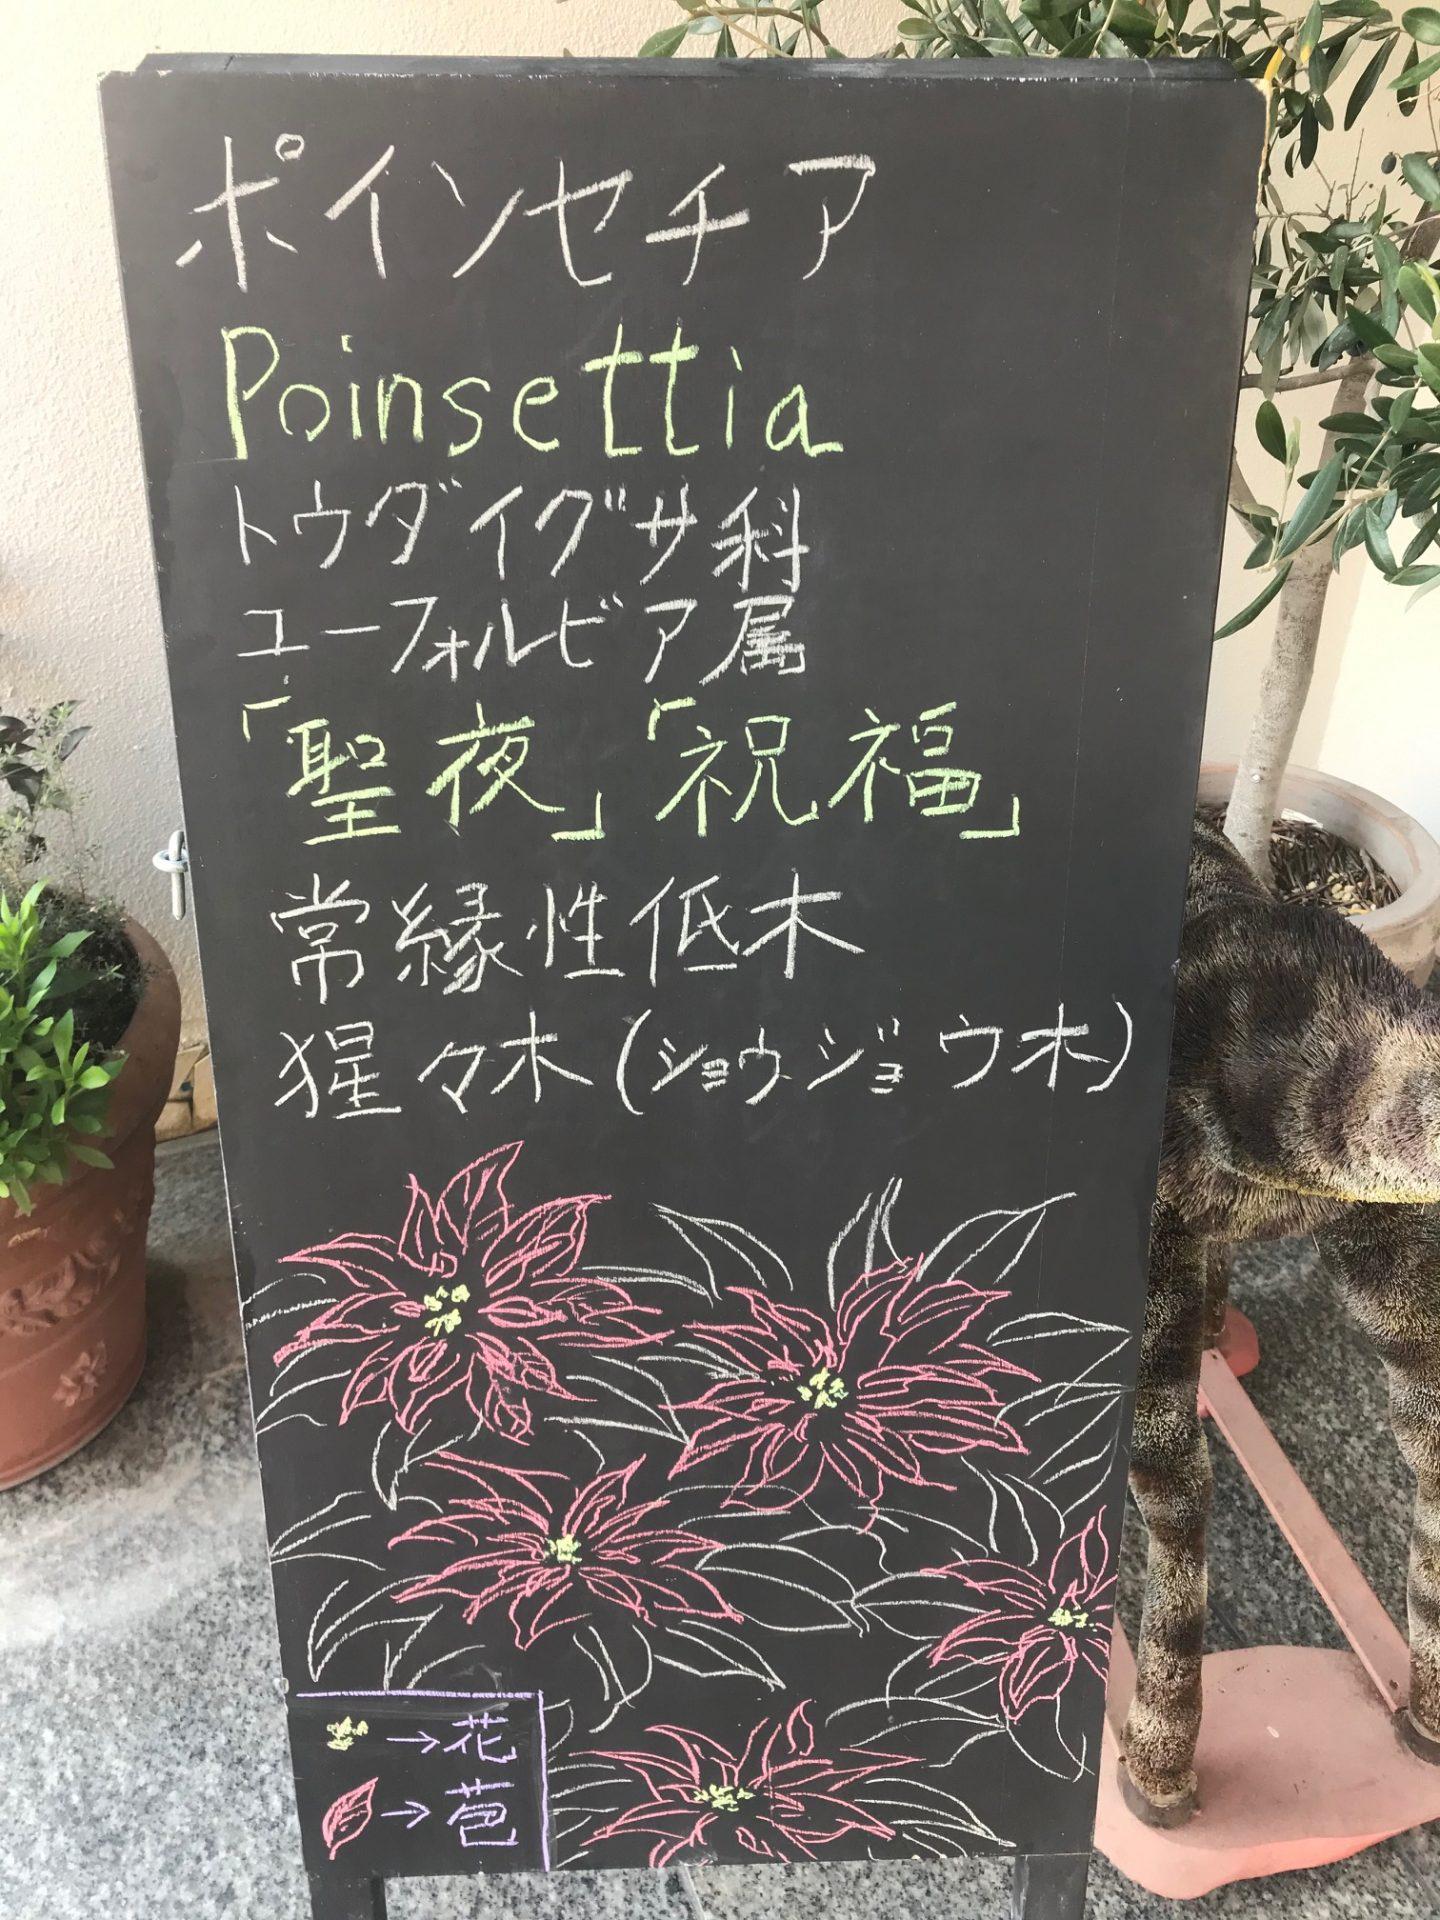 ポインセチア 〜「聖夜」✴︎「祝福」〜